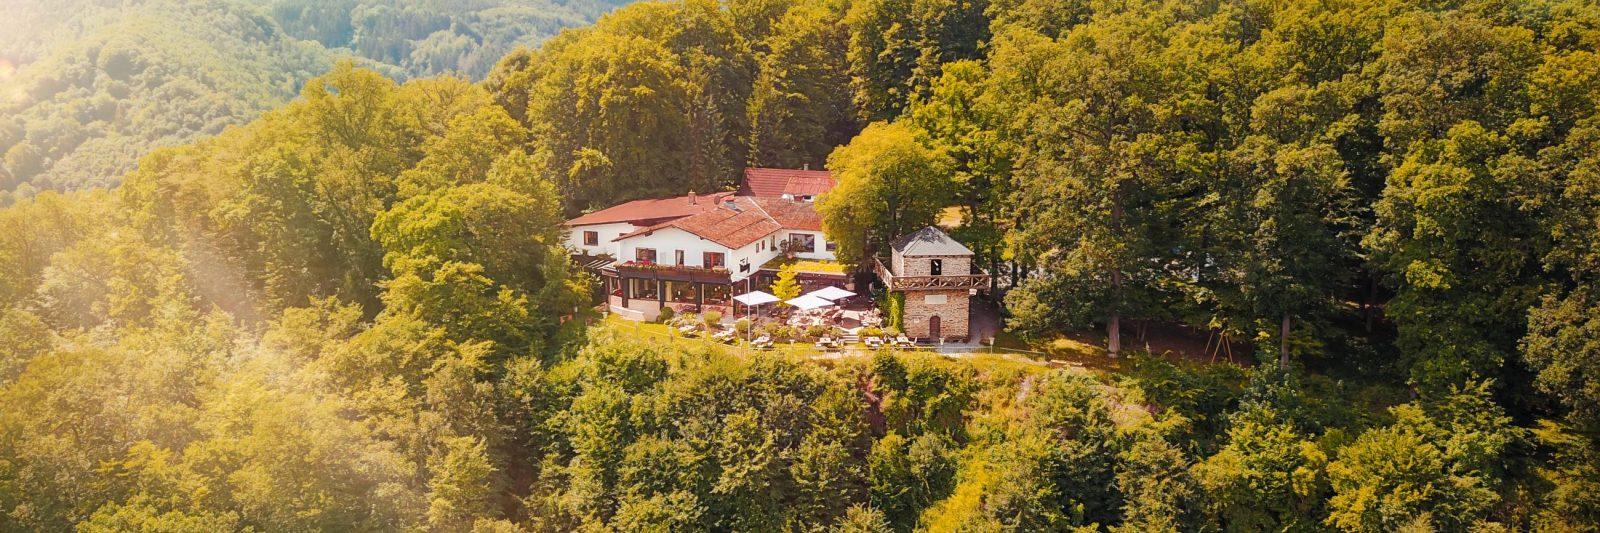 Hotel Wintersberg Bad Ems_Drohnenaufnahme des Restaurants und Hotels in der Naehe von Koblenz